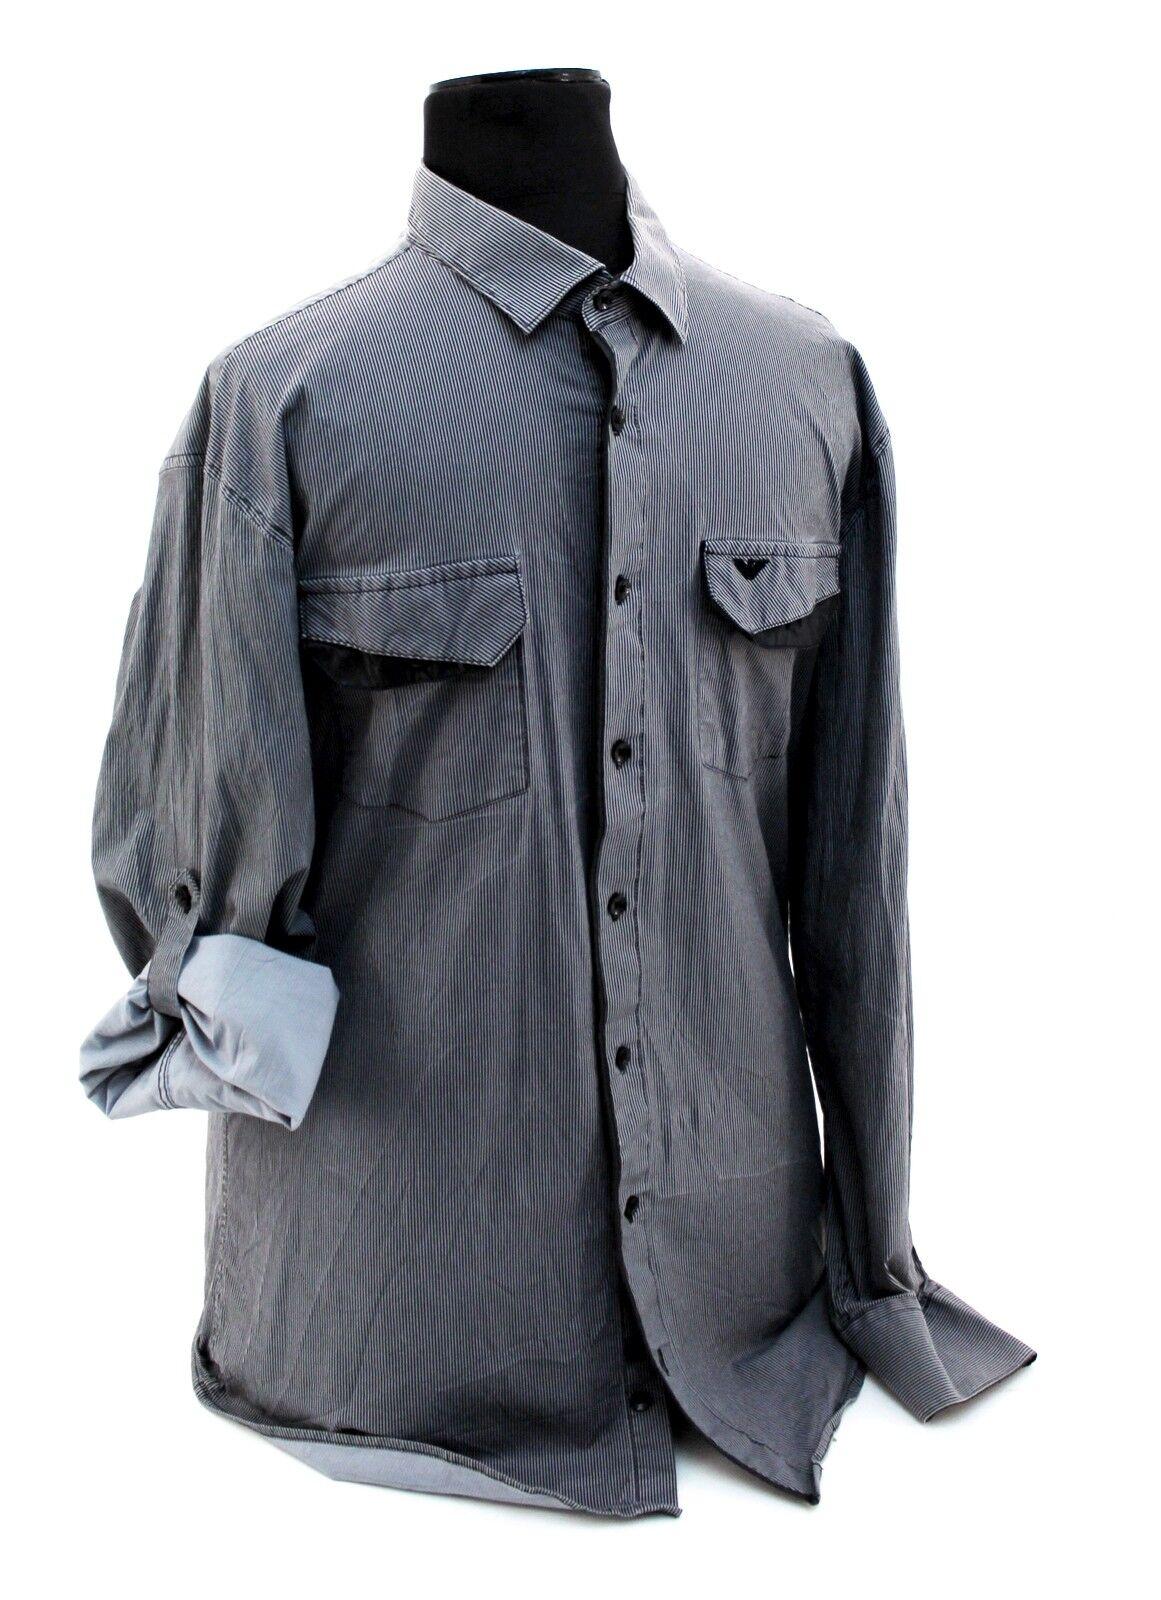 Herren Hemd Arman Oberhemd Langarm Baumwolle schwarz gestreift gestreift gestreift Gr. 3XL   | Starke Hitze- und Abnutzungsbeständigkeit  | Exquisite (in) Verarbeitung  | Qualität  4594e4